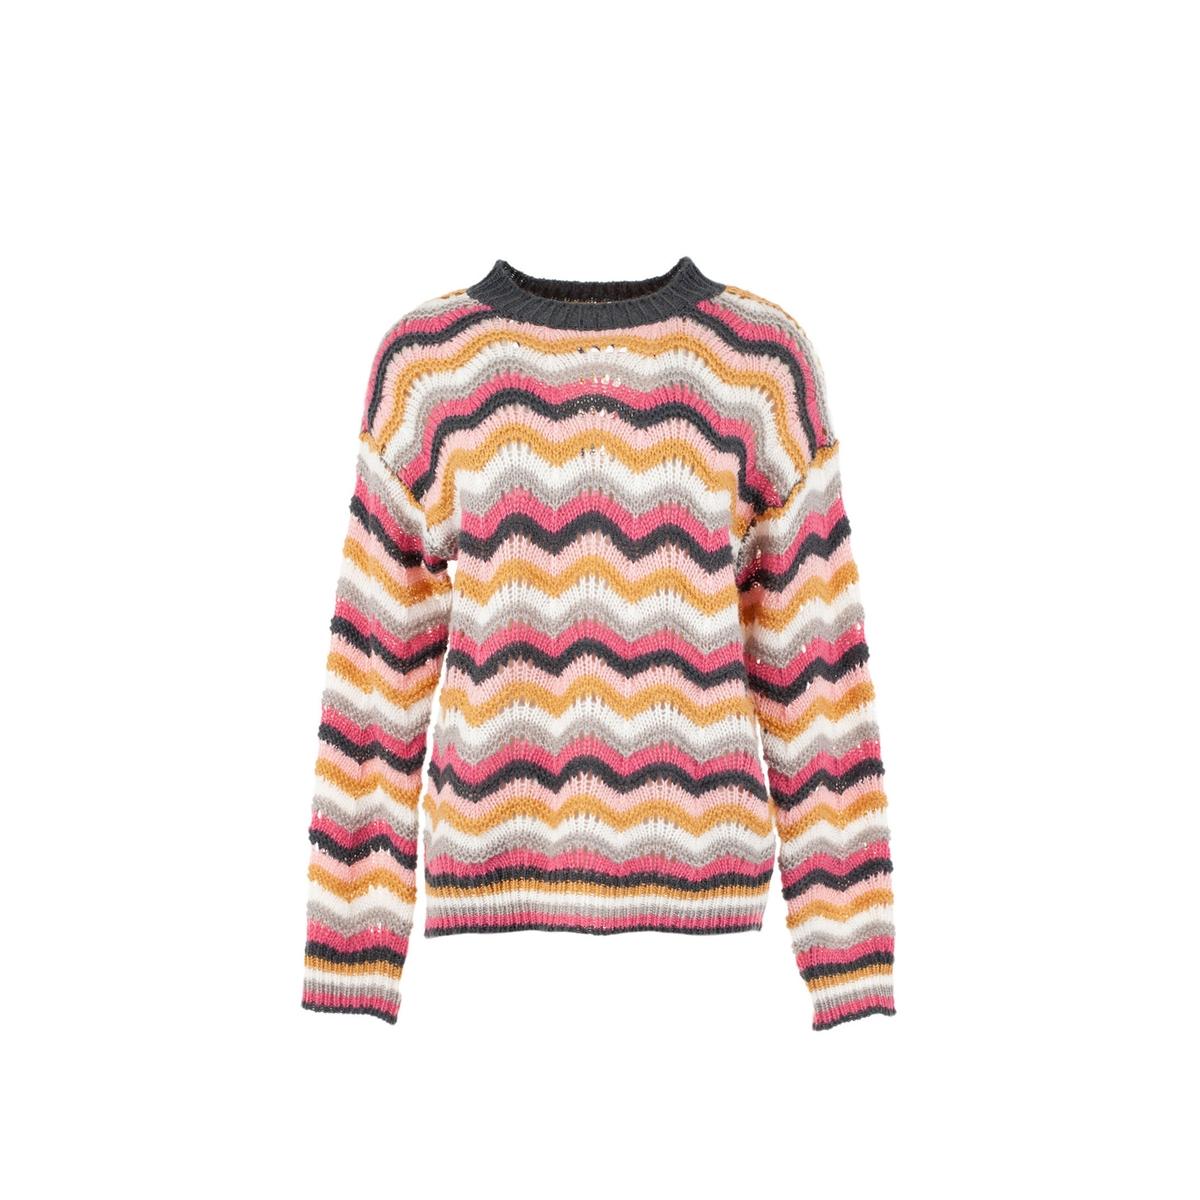 Пуловер La Redoute С круглым вырезом и длинными рукавами Eloi L белый пуловер la redoute с круглым вырезом и длинными рукавами m каштановый